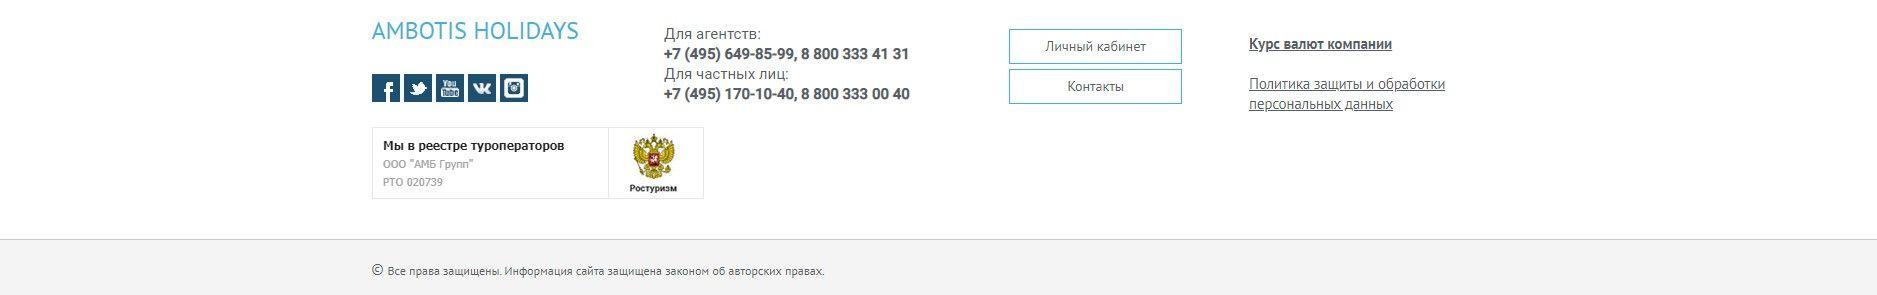 Личный кабинет на примере ambotis.ru